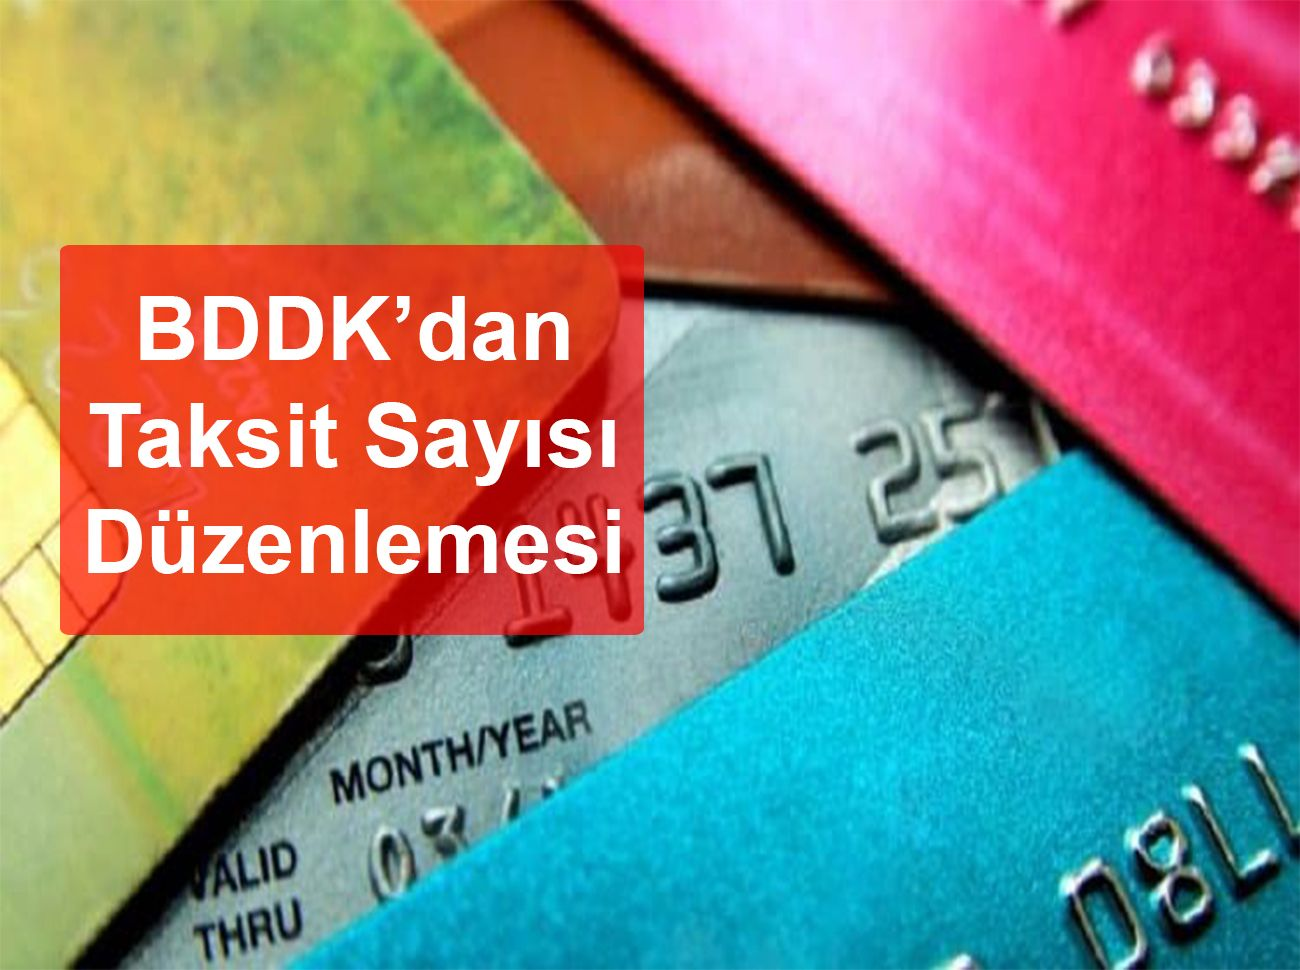 BDDK Taksit Sayısında Düzenleme Yaptı